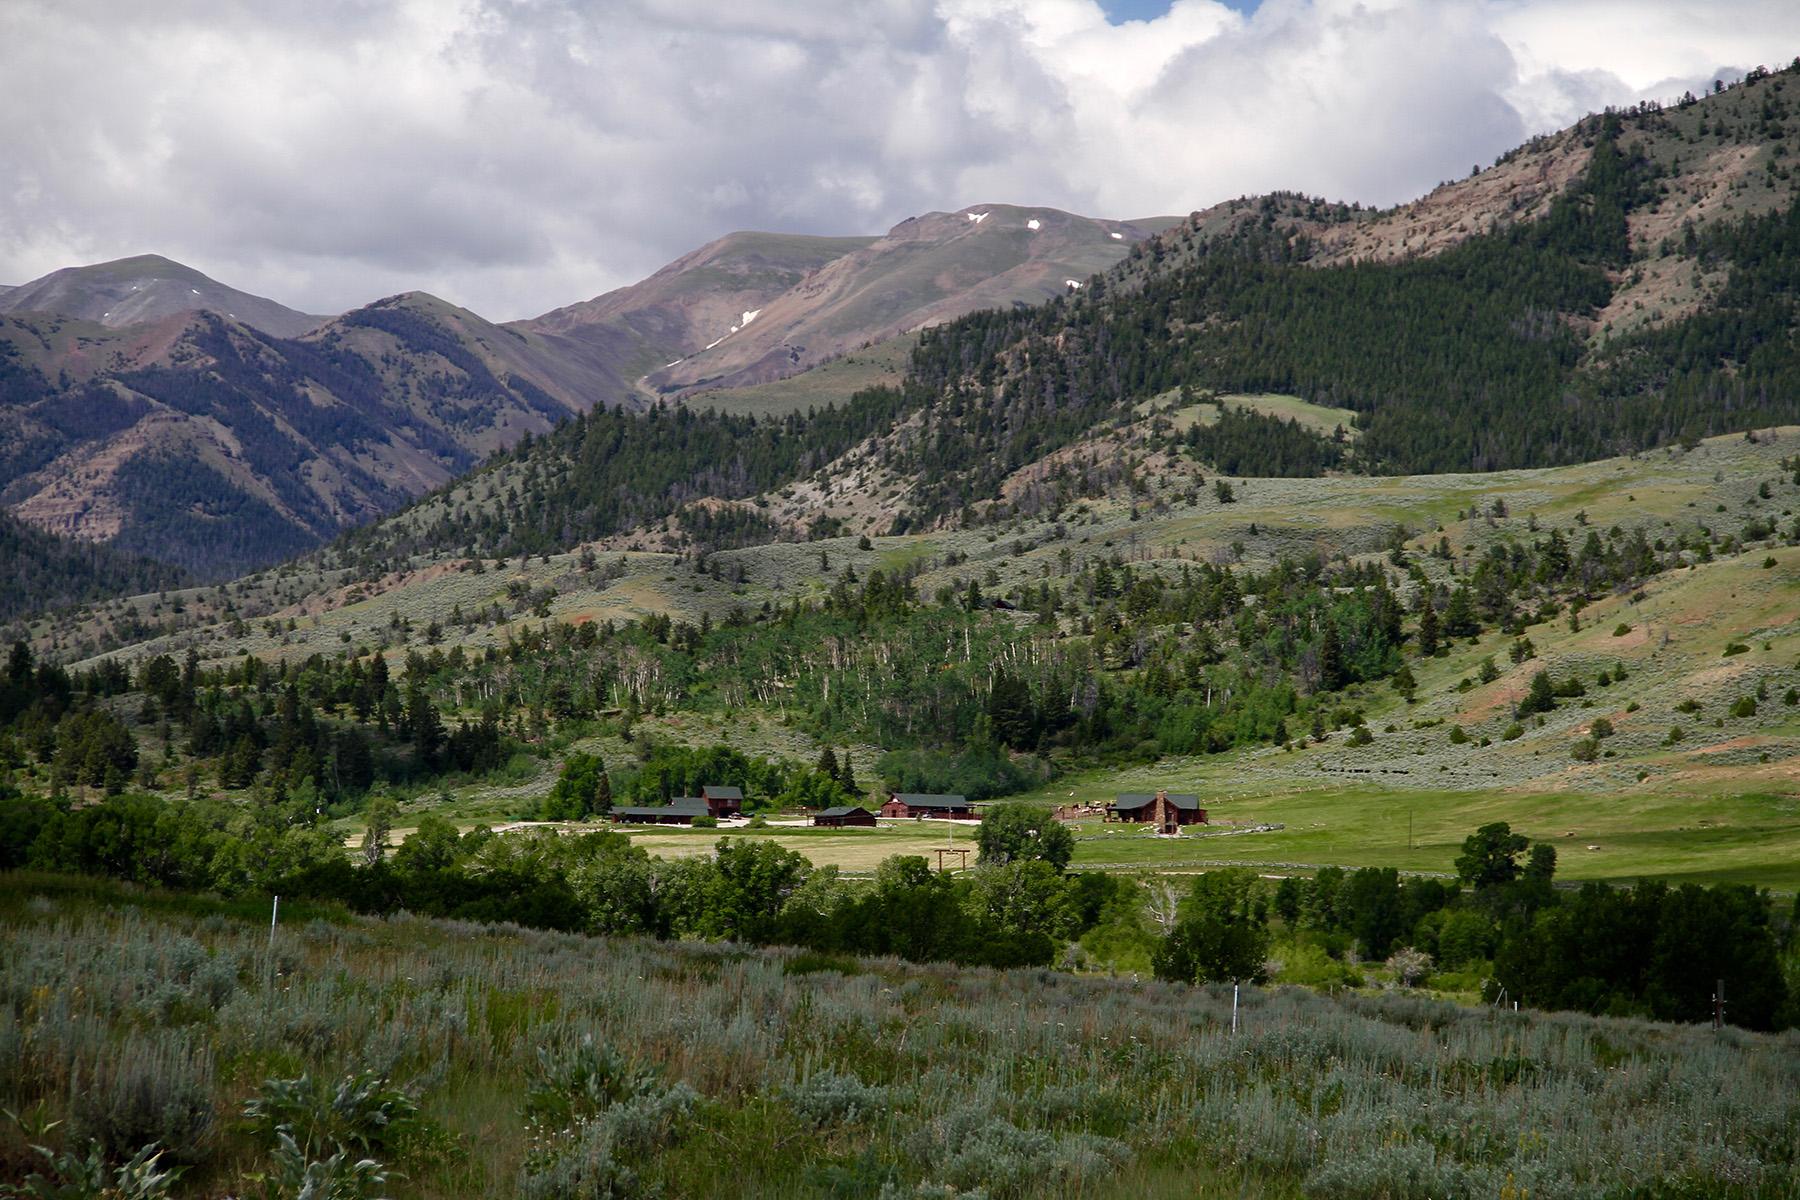 Nông trại / Trang trại / Vườn vì Bán tại Wood River Ranch 1261 Road 4DT Meeteetse, Wyoming, 82433 Jackson Hole, Hoa Kỳ